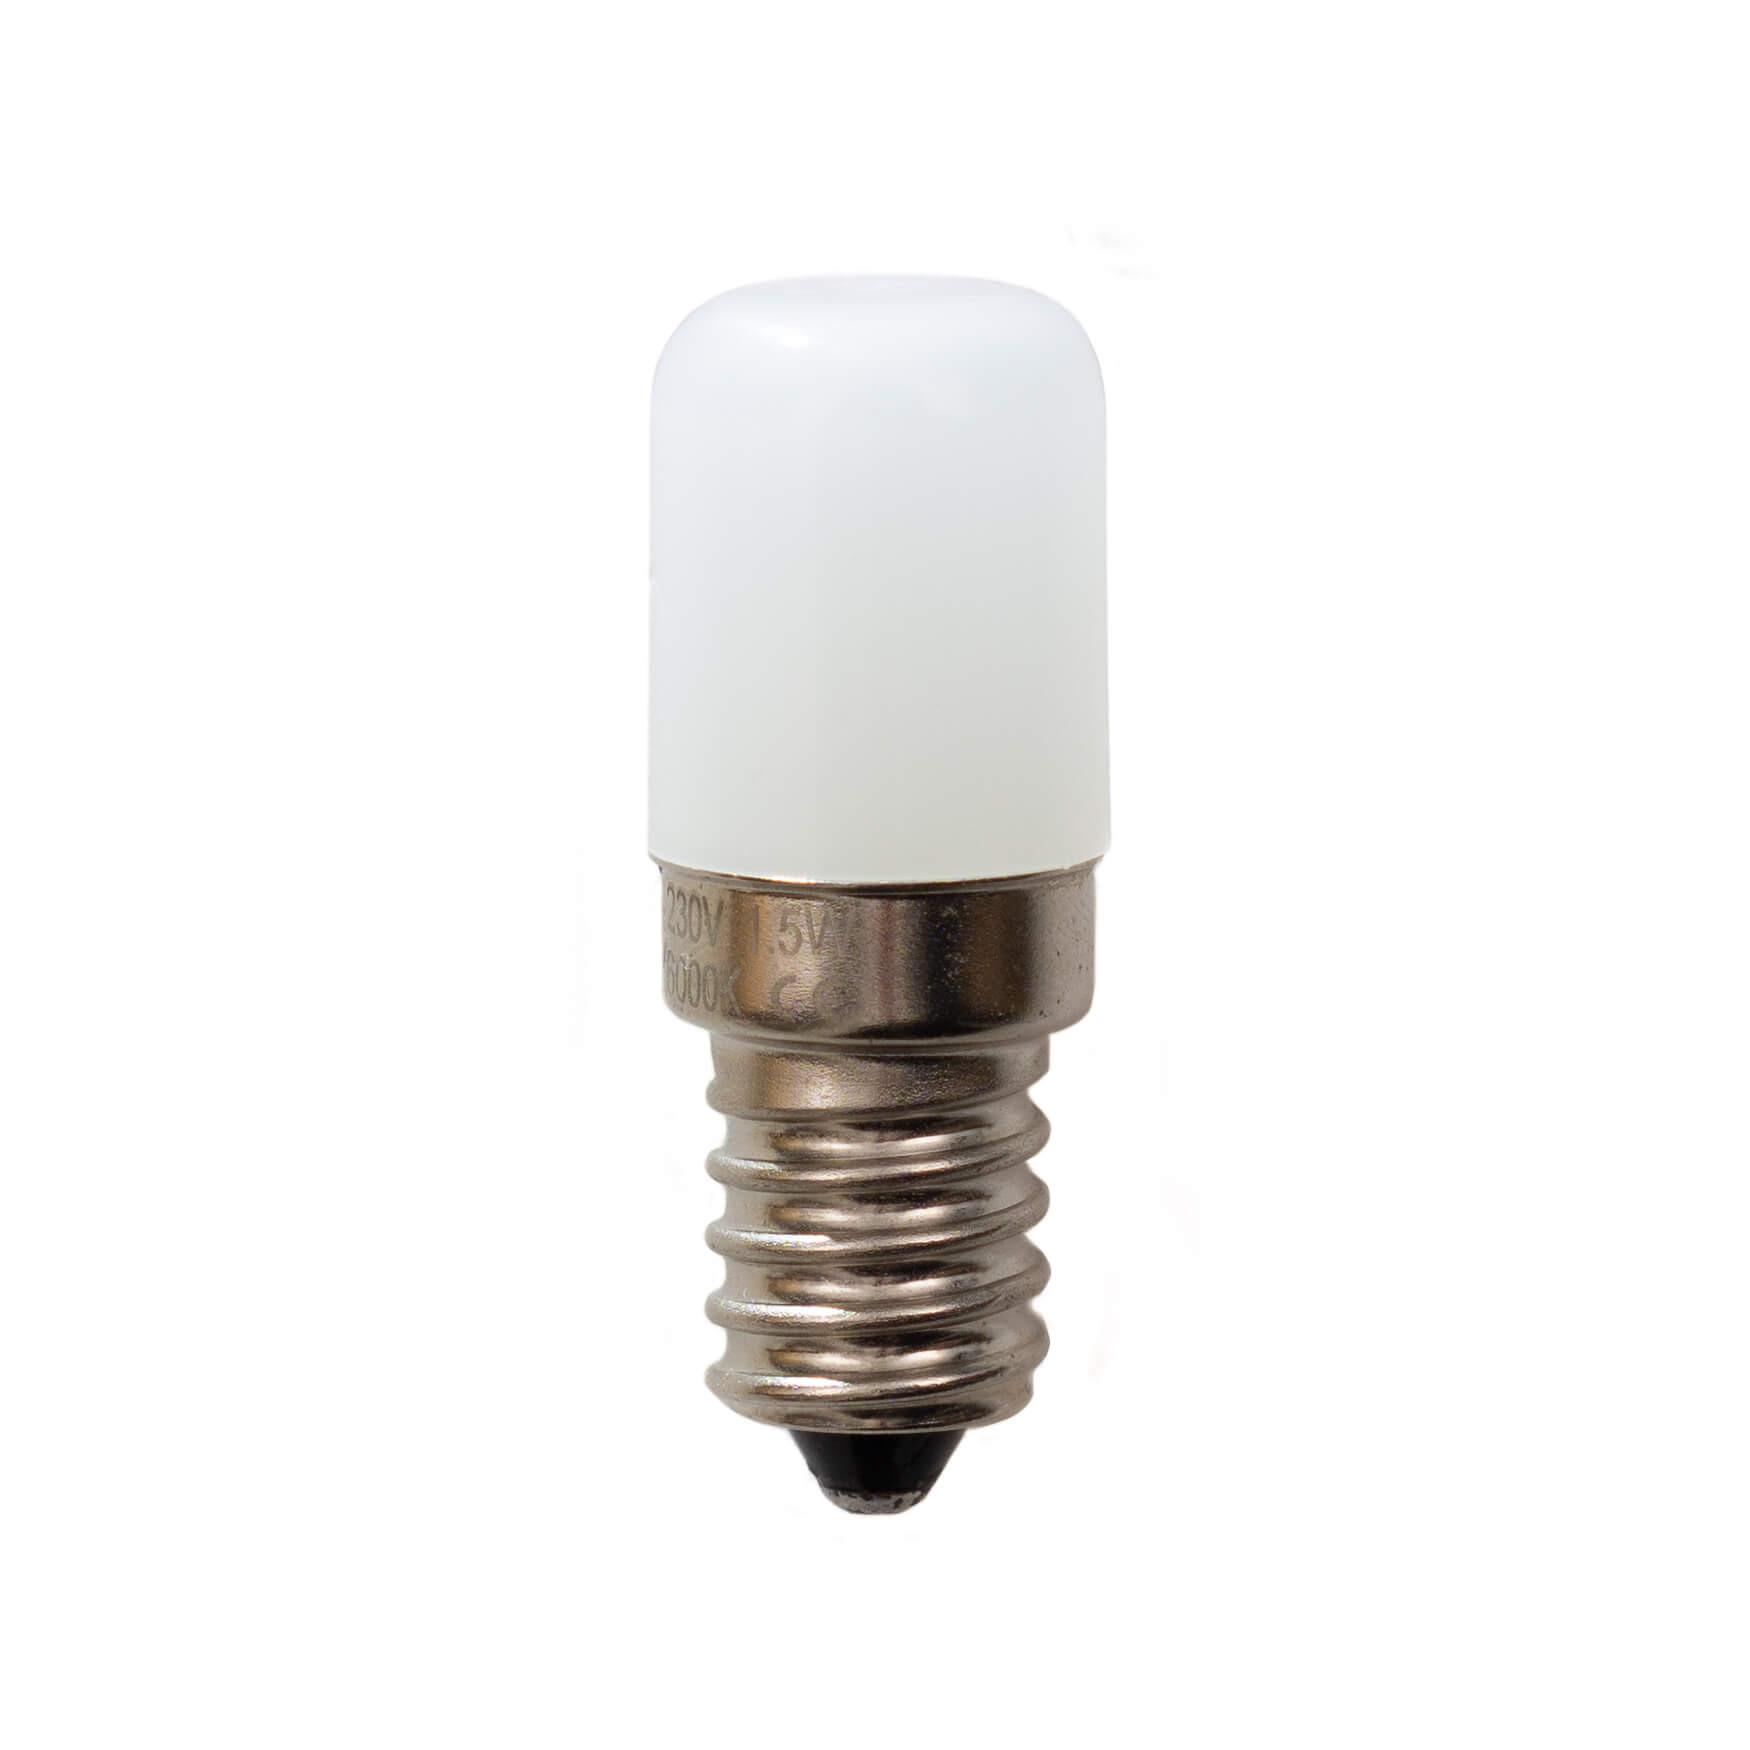 1 Watt LED Bulb